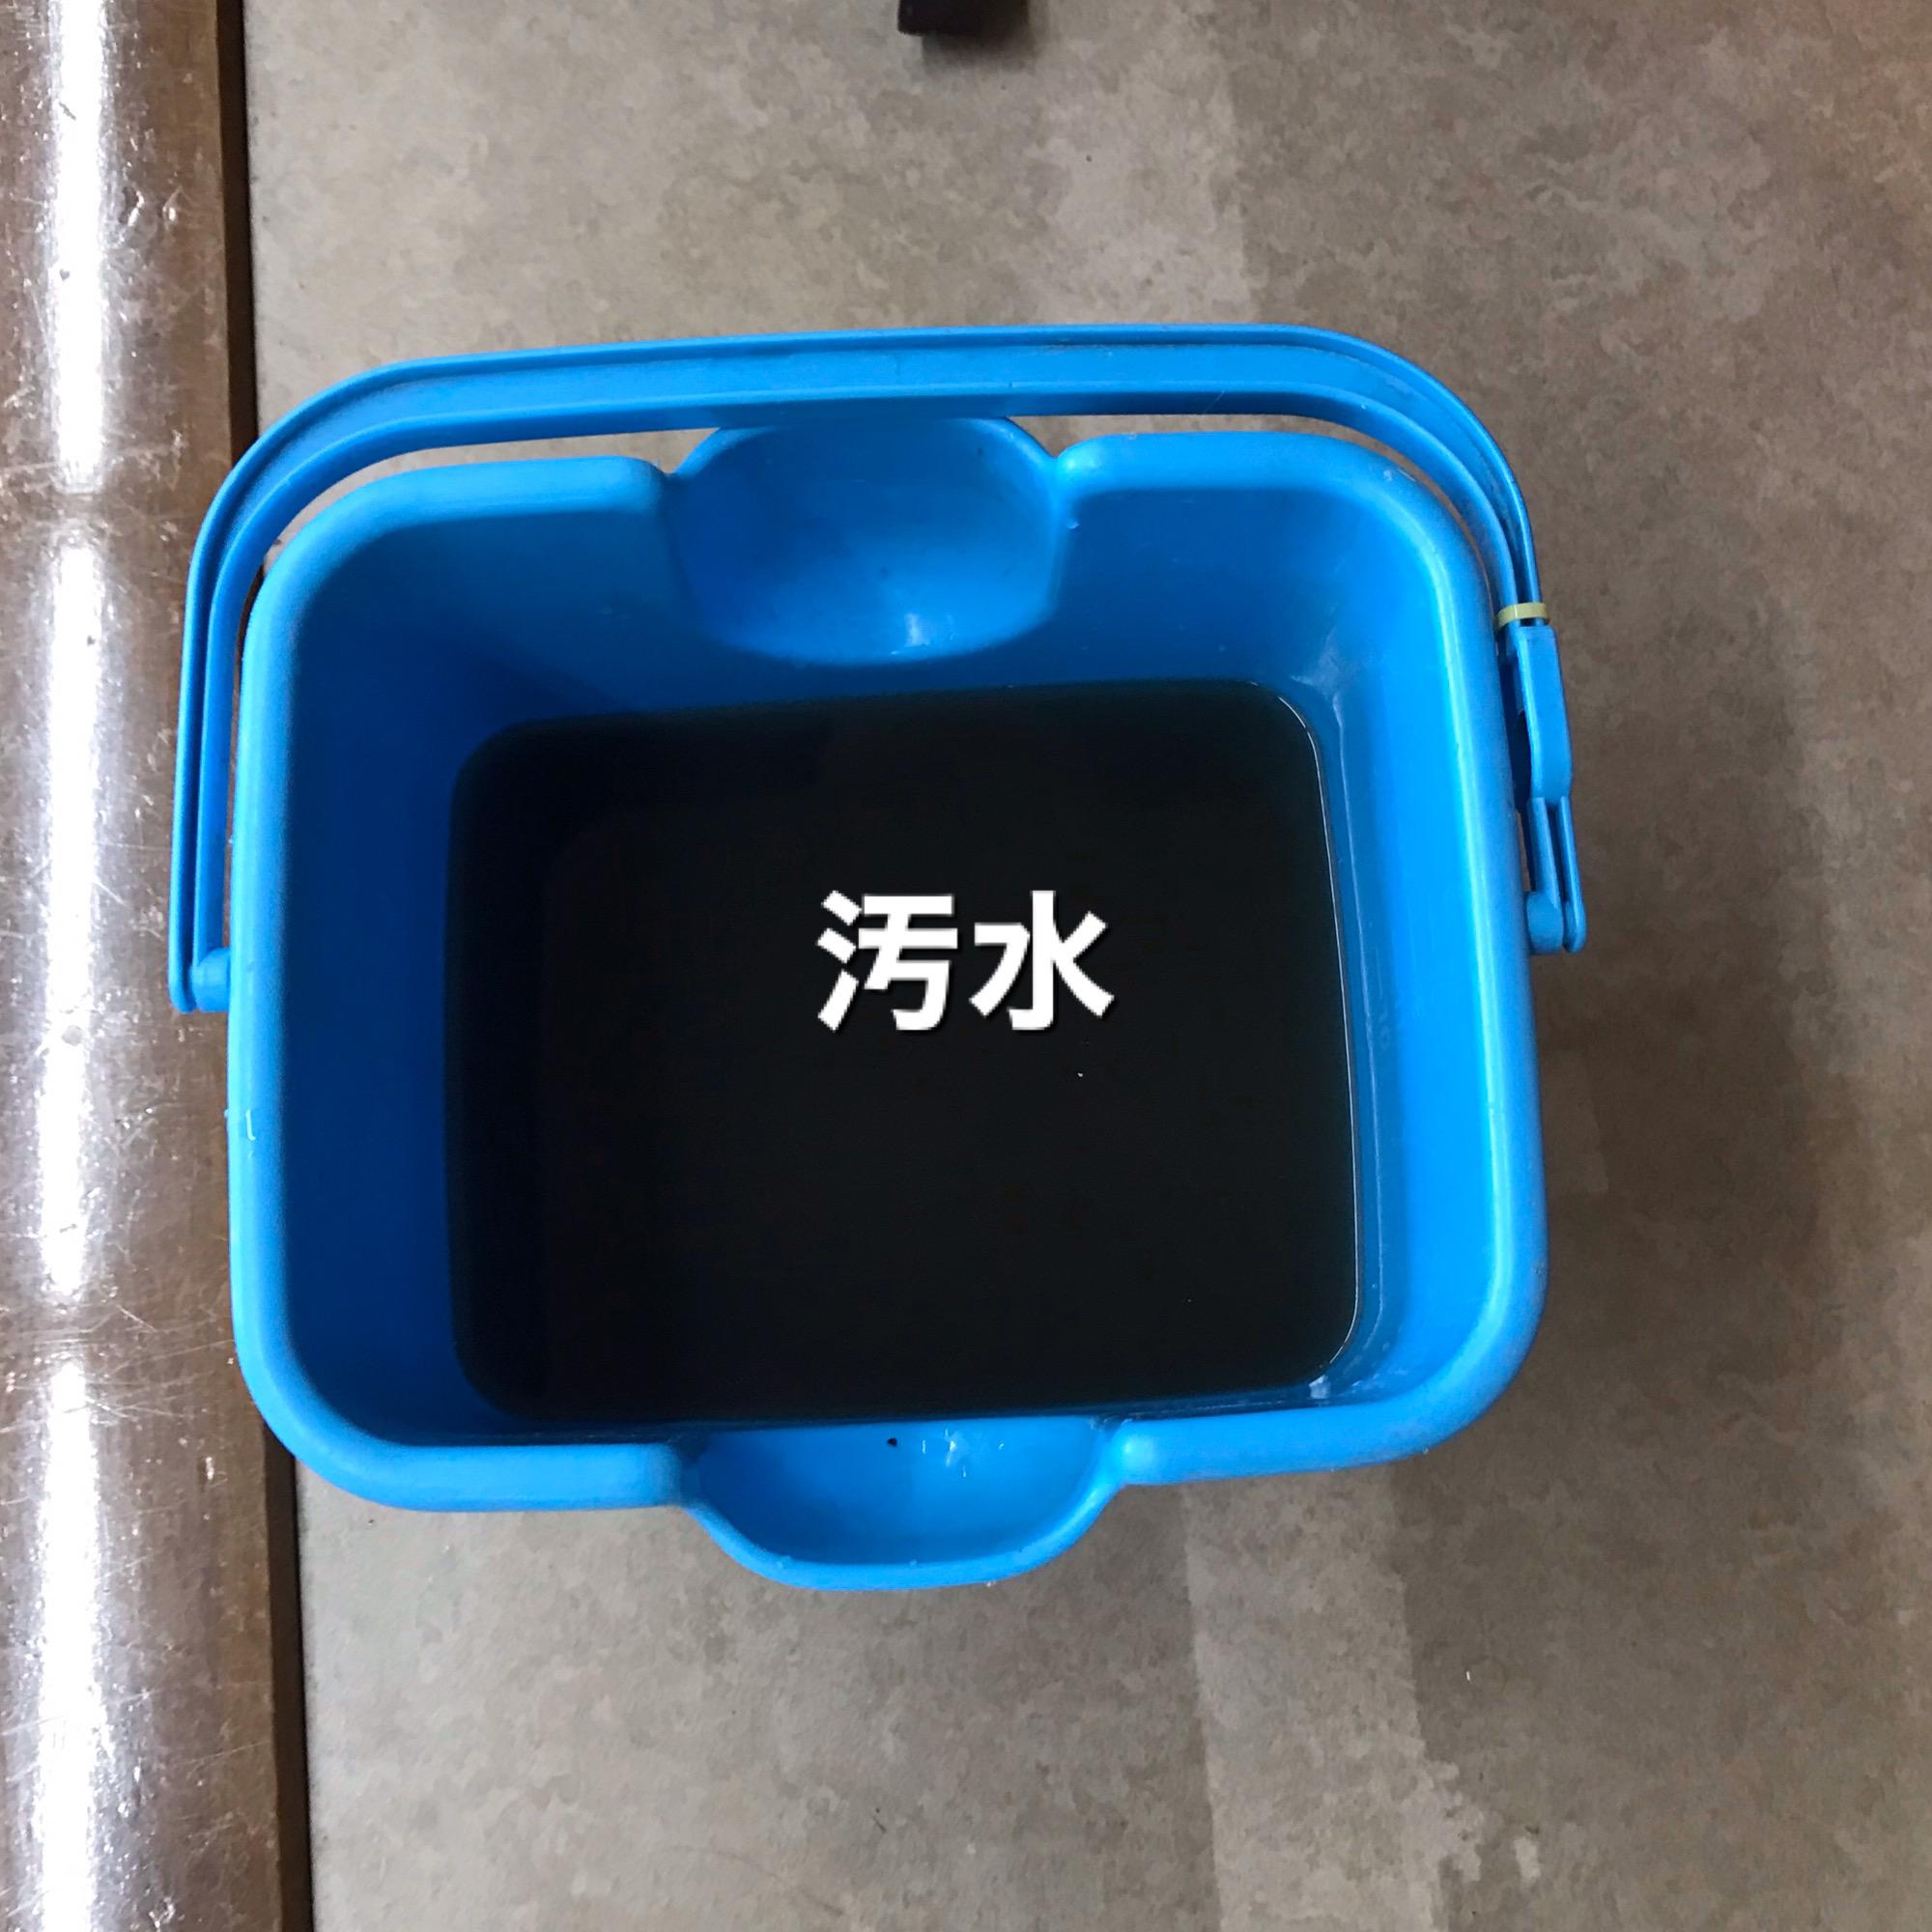 エアコン洗浄後の汚水